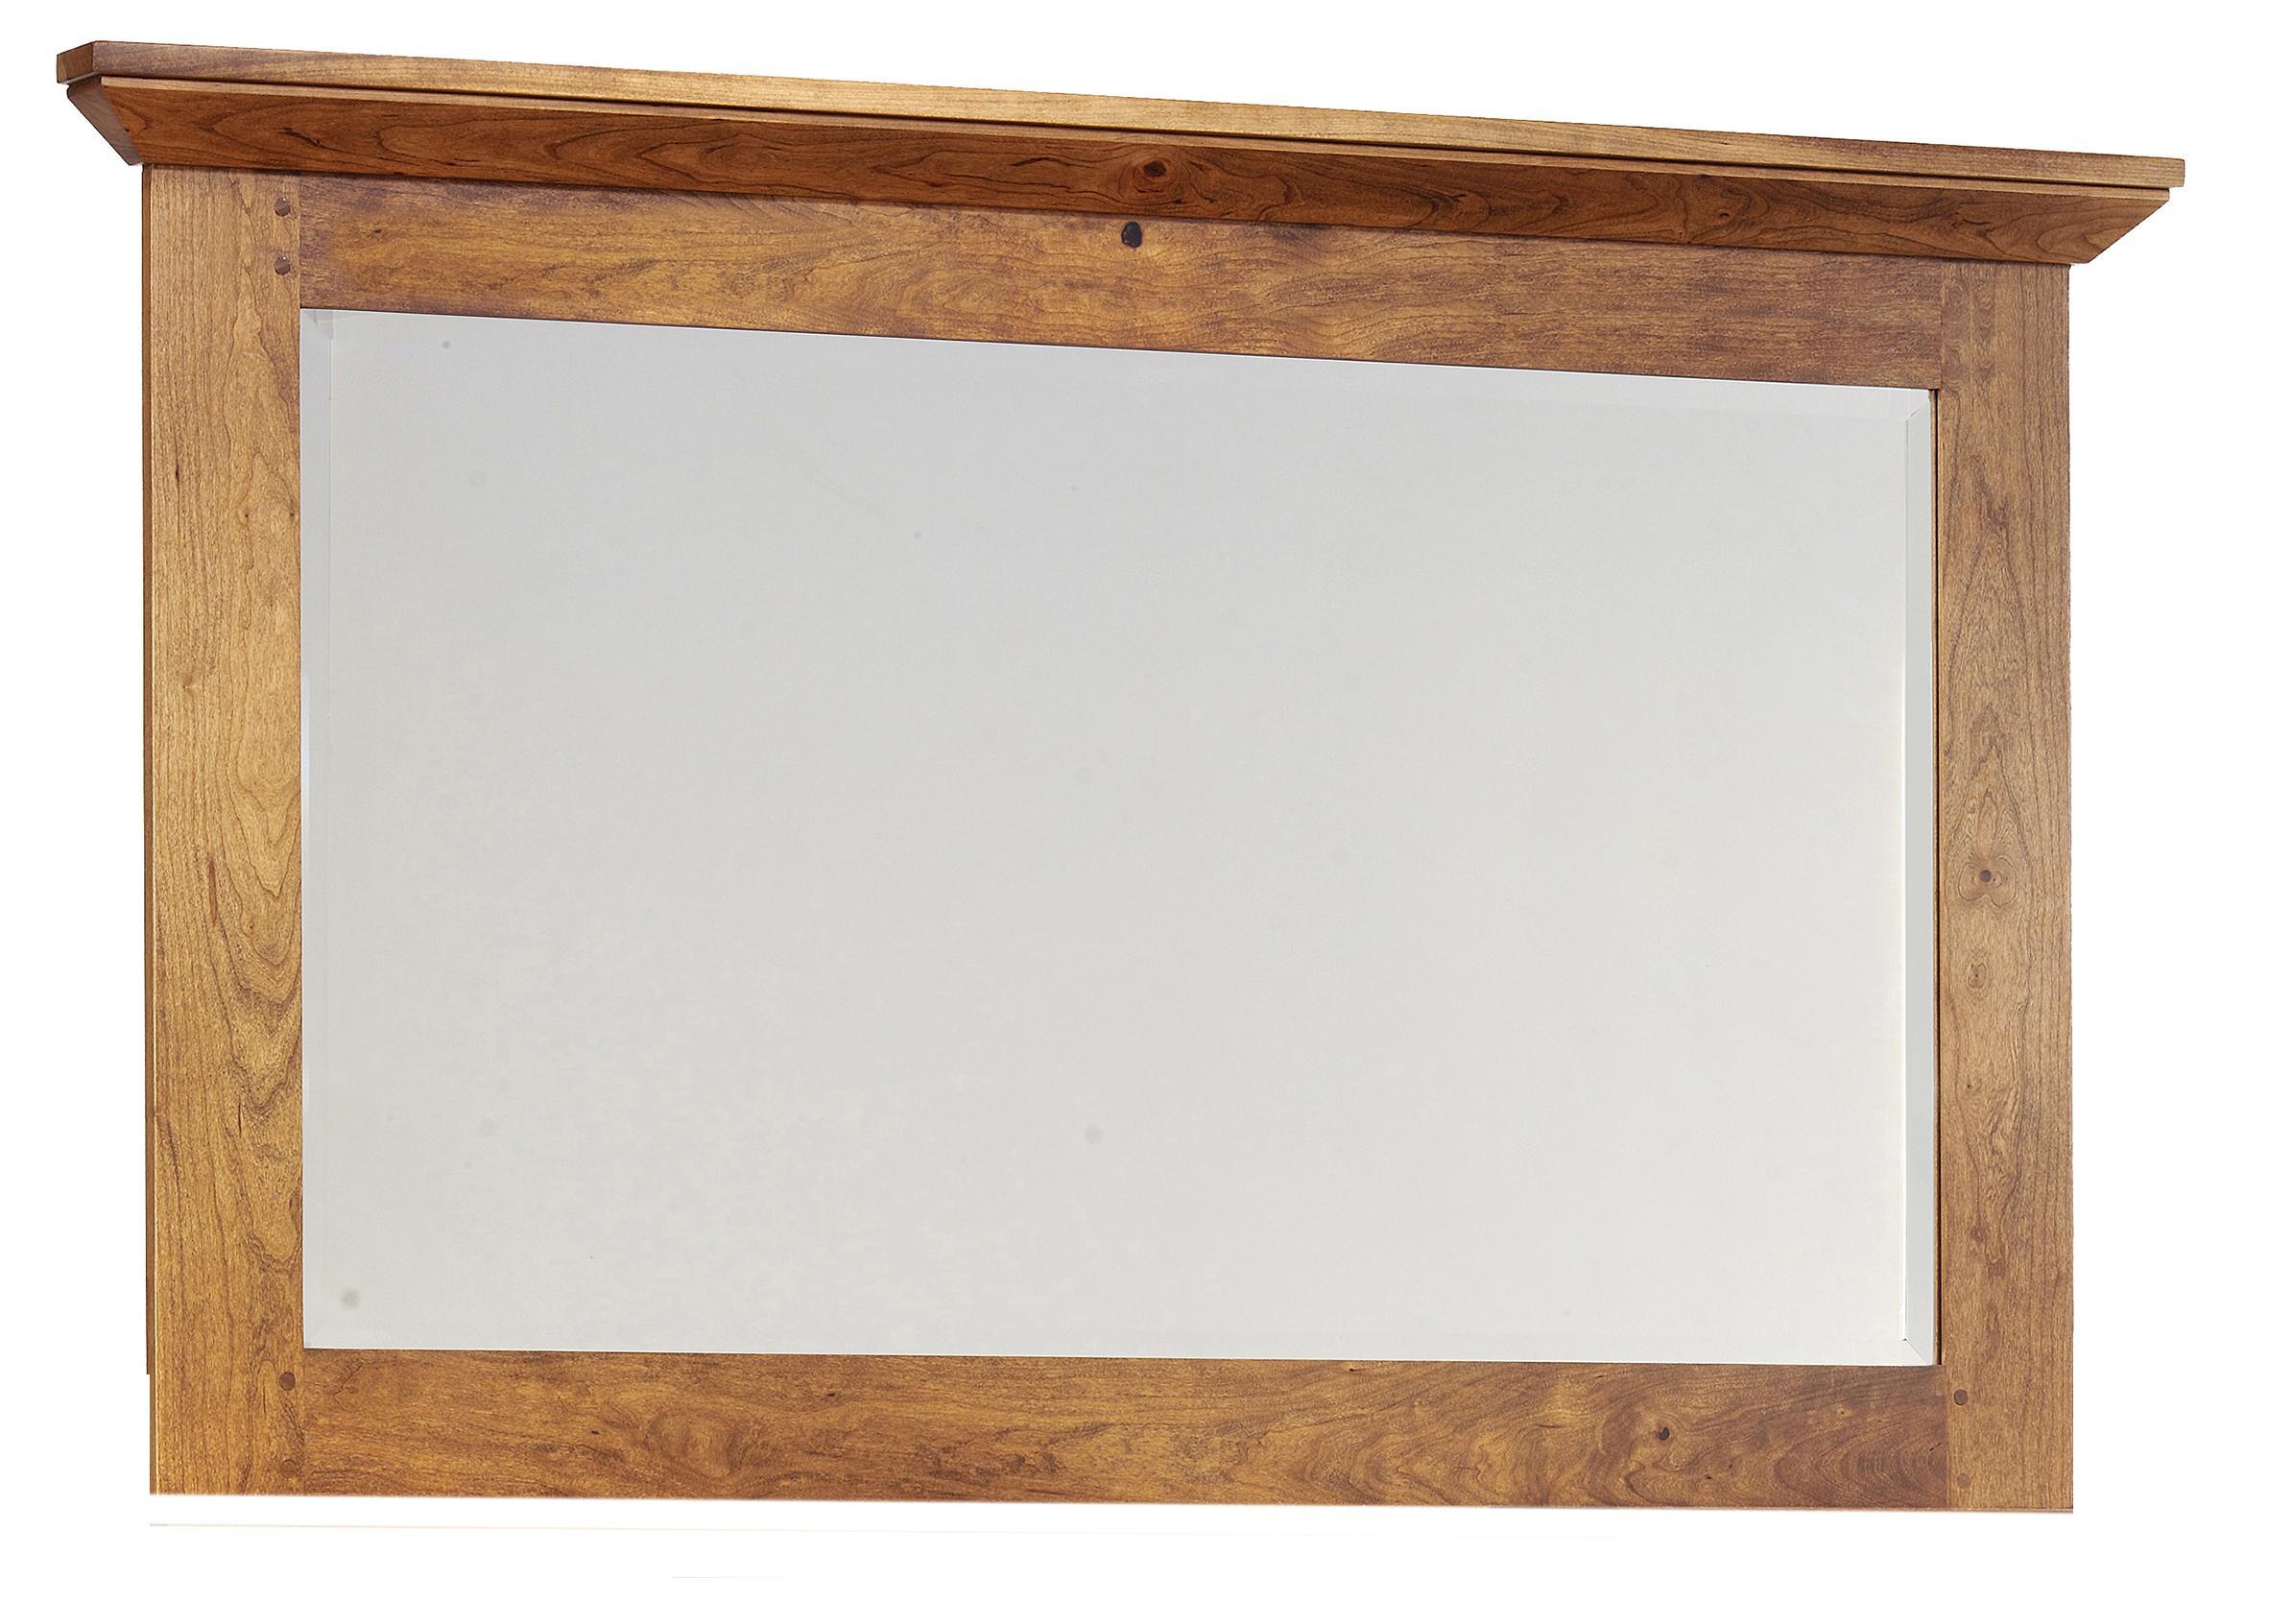 Redmond Wellington Dresser Mirror by Millcraft at Saugerties Furniture Mart